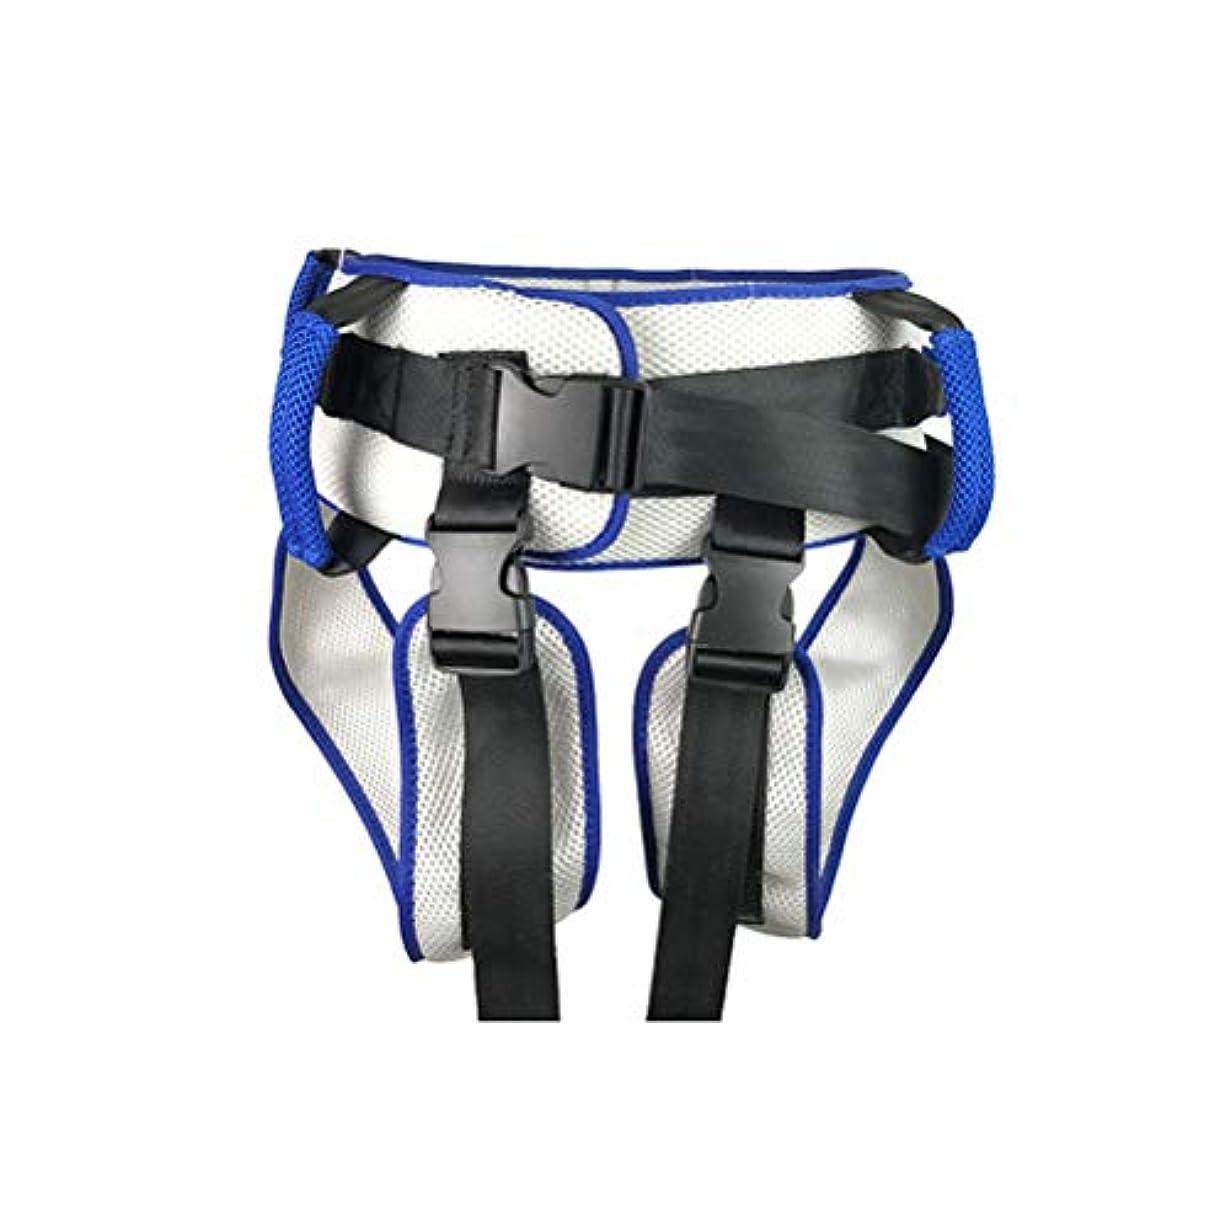 視線再現する乳白色HEALLILY 足のループ付きHEALLILYトランスファーベルト患者補助トランスファースリングリハビリテーションベルト下肢歩行立ちトレーニング用具(青)